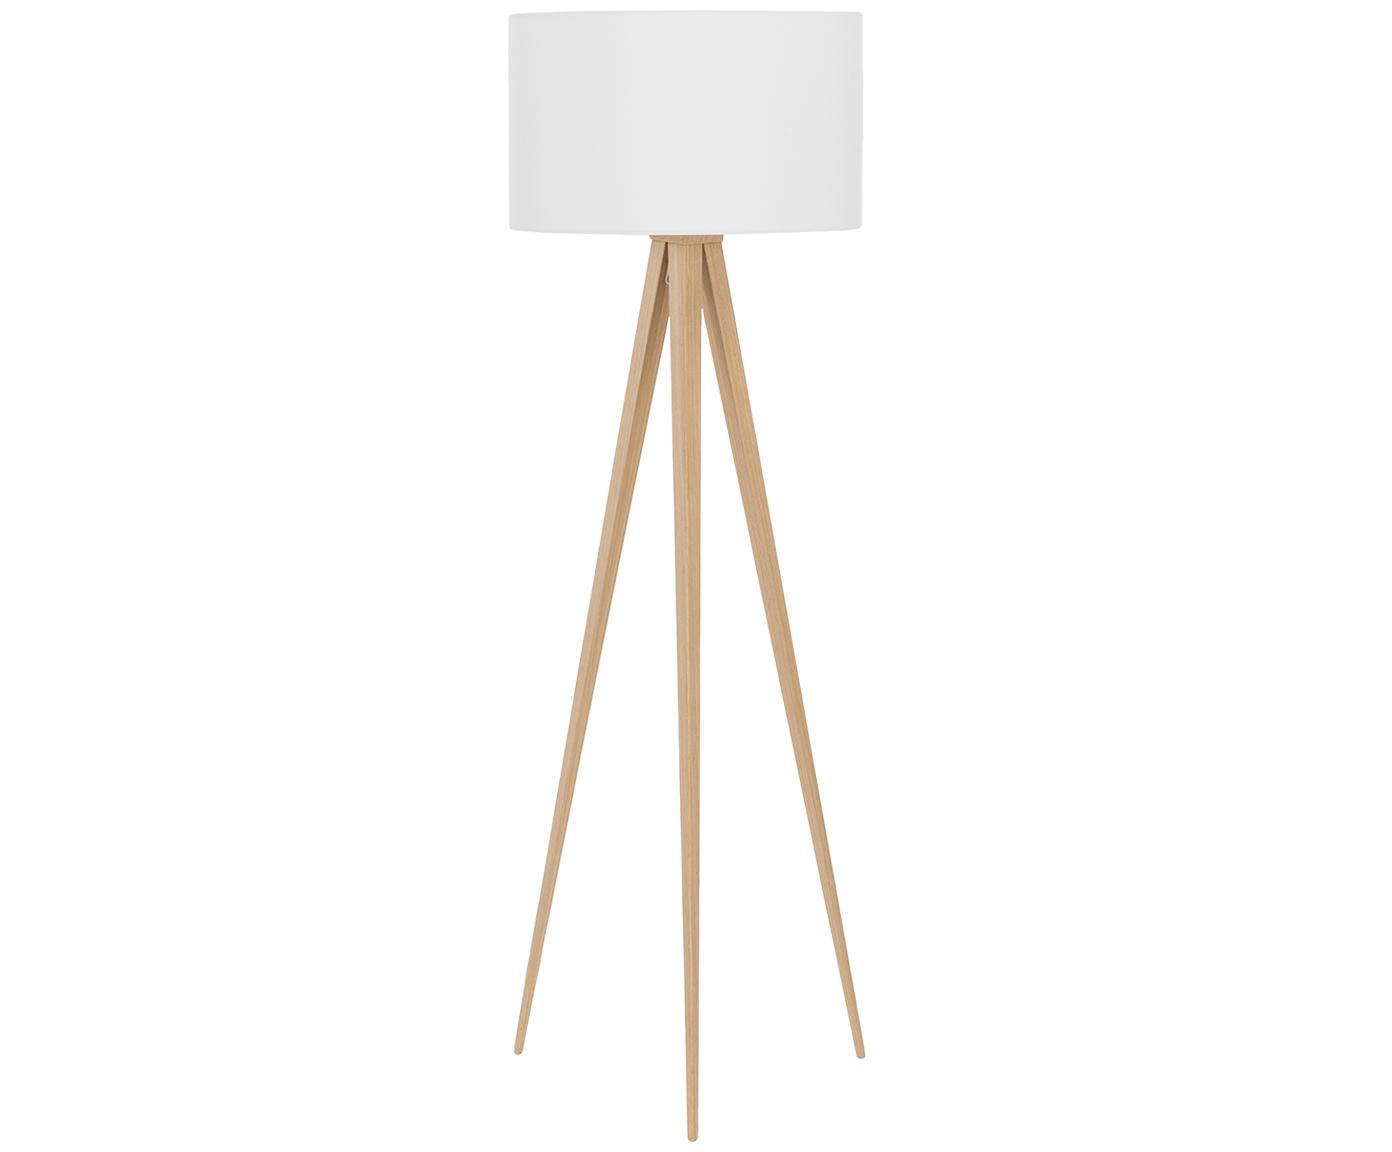 Stehlampe Jake im Skandi Design, Lampenschirm: Baumwolle, Lampenschirm: WeissLampenfuss: Holzfurnier, ∅ 50 x H 154 cm